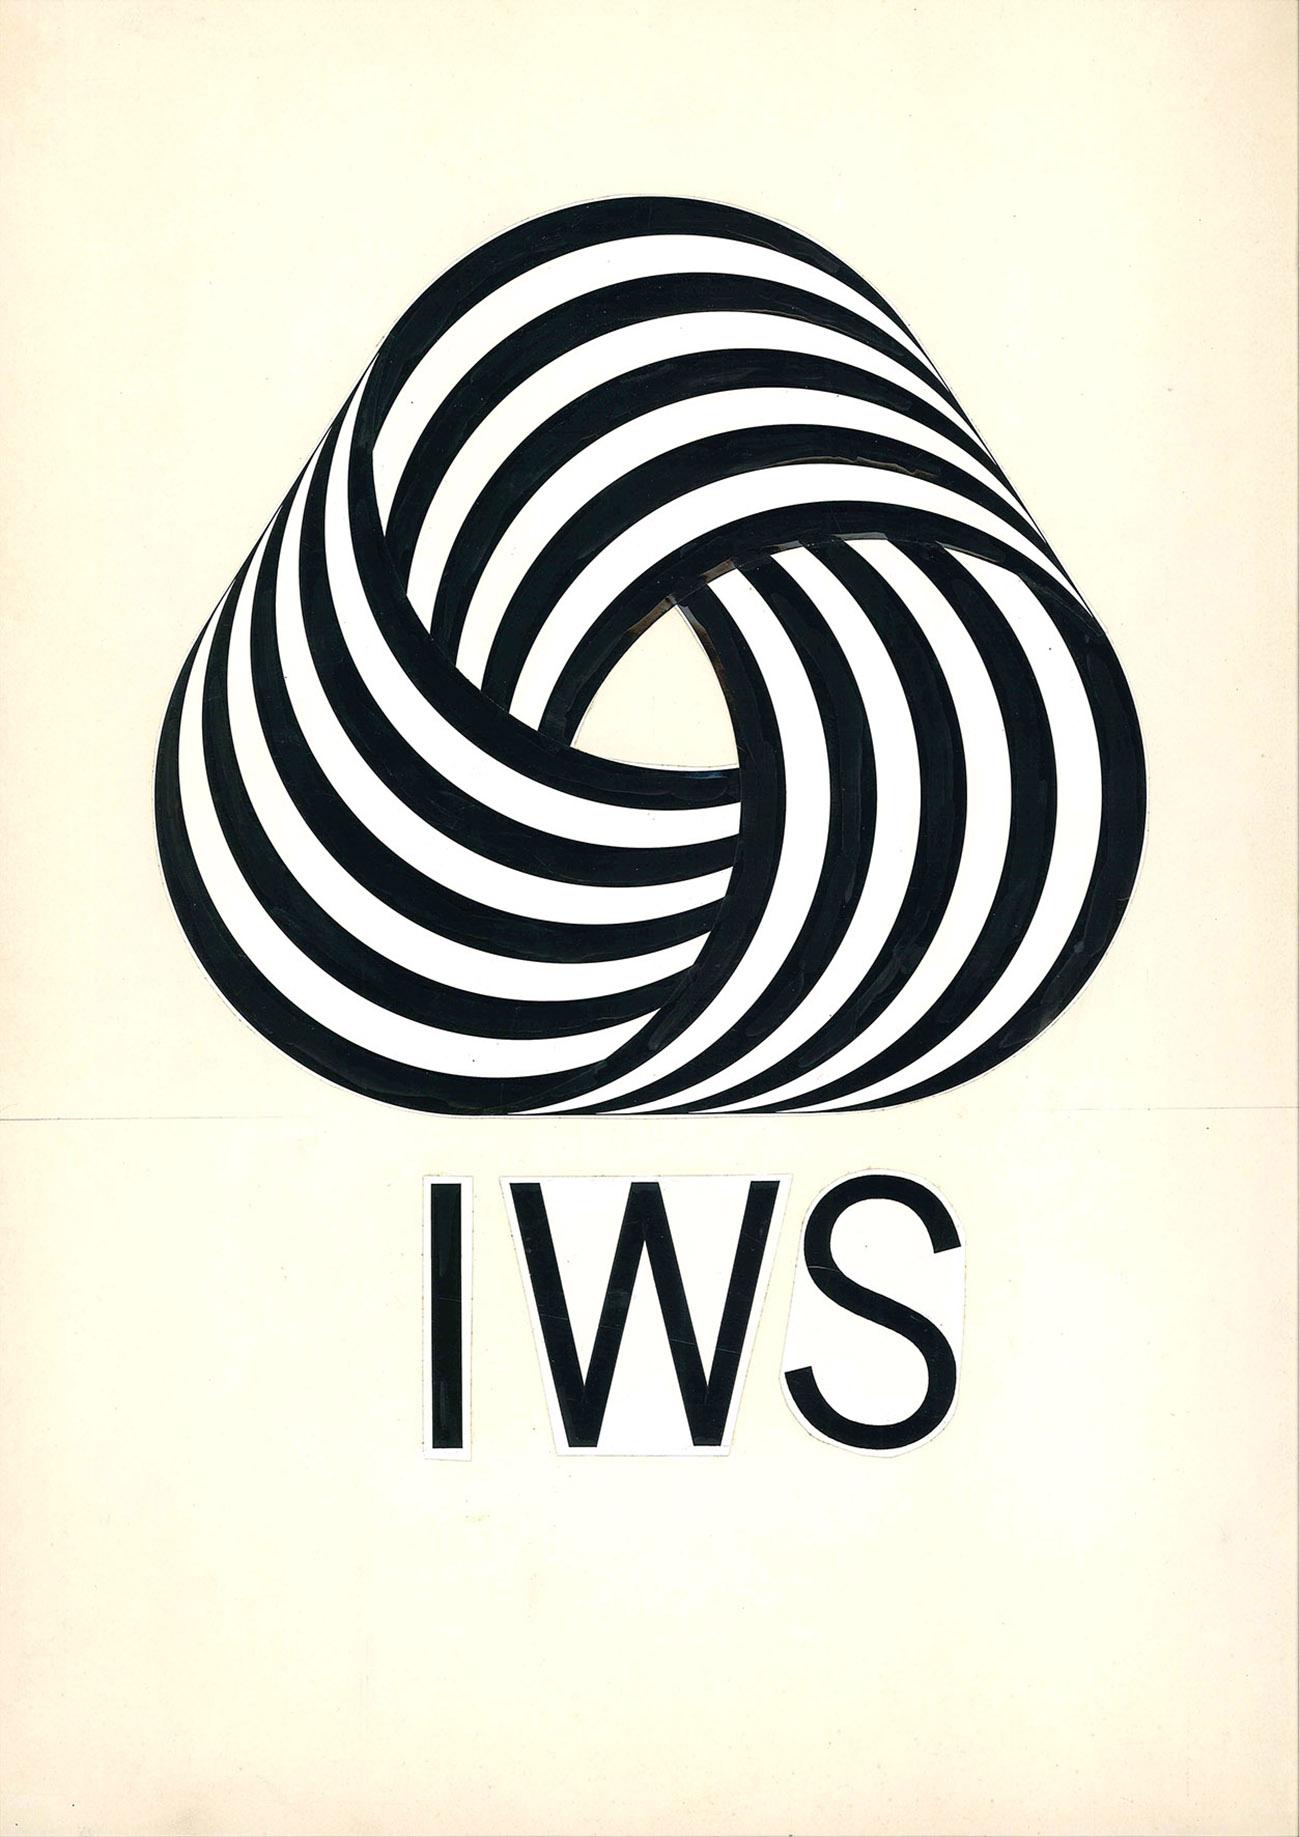 Franco Grignani (1908-1999), Projekt für das Logo Reine Schurwolle, 1963, Archivio privato © Matteo Zarbo